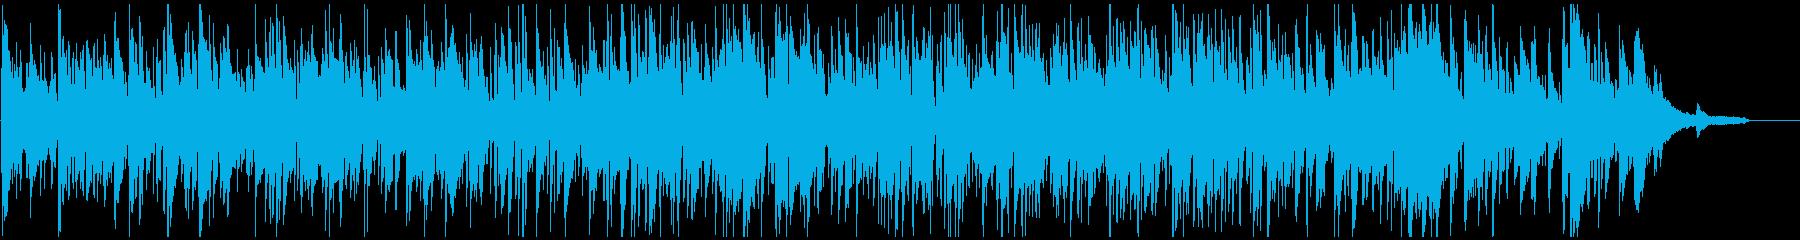 スタイリッシュ系ボサノバ、お洒落、上品の再生済みの波形